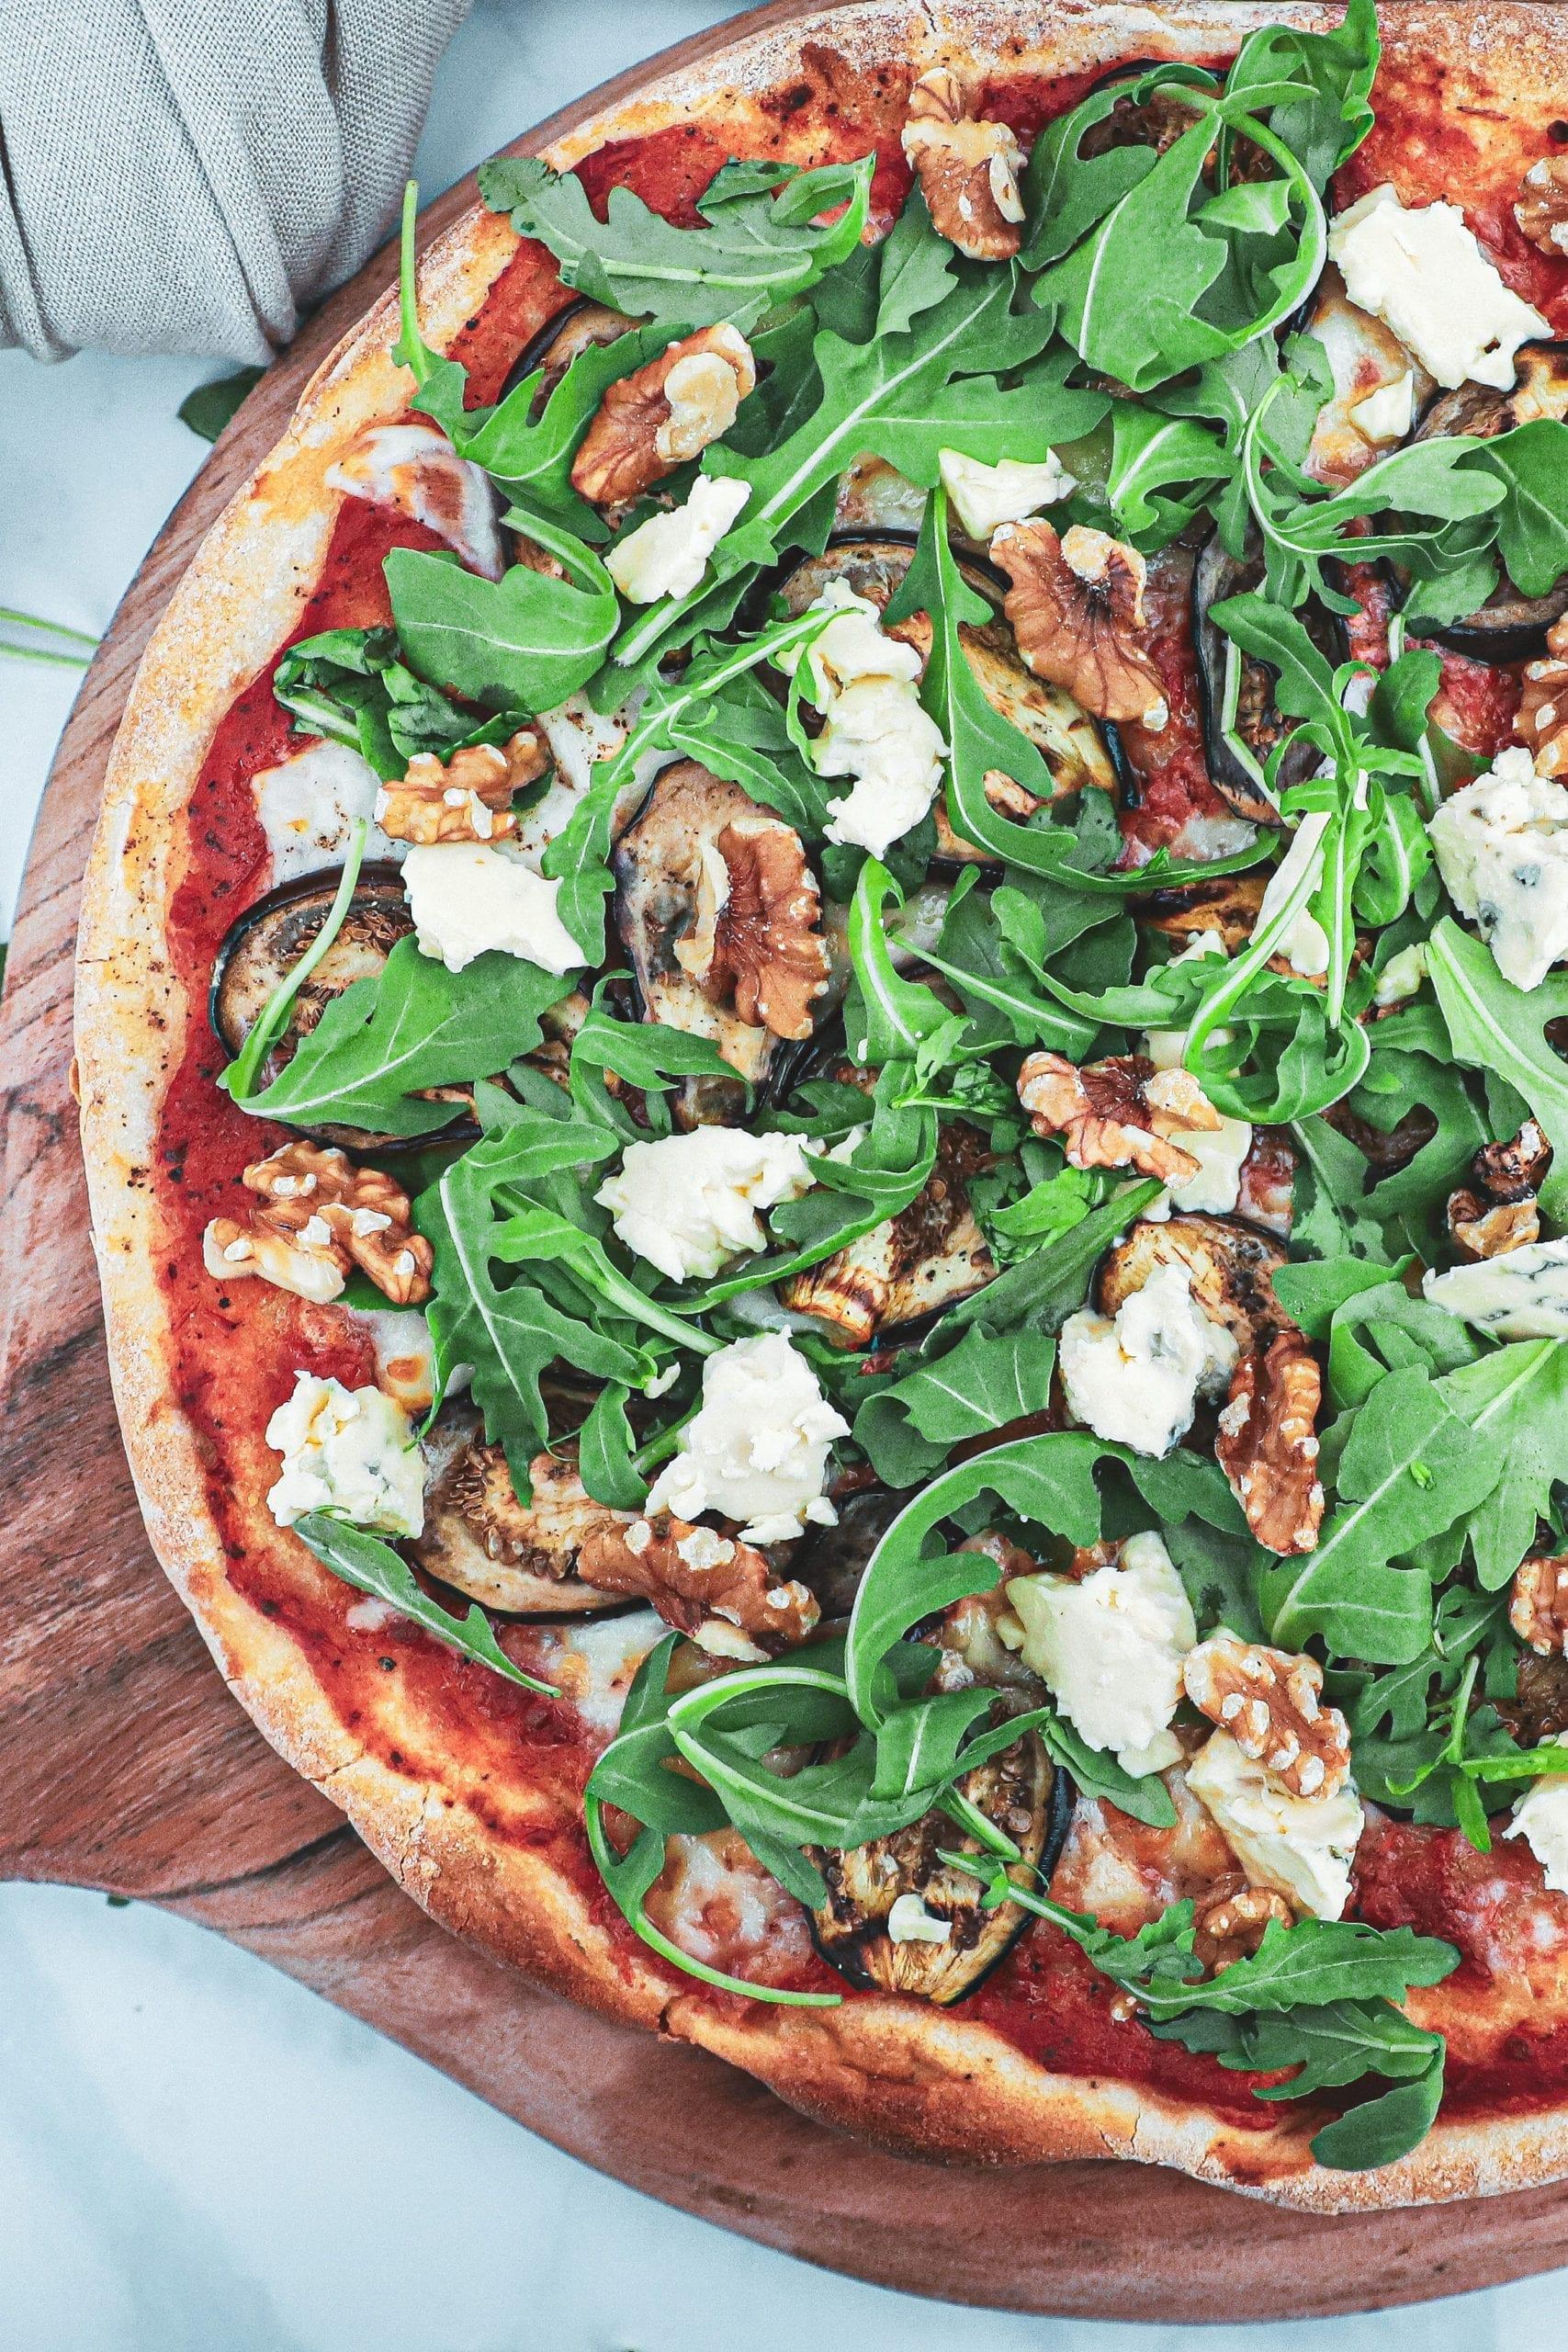 Pizza med aubergine og blåskimmel - Inspiration til topping